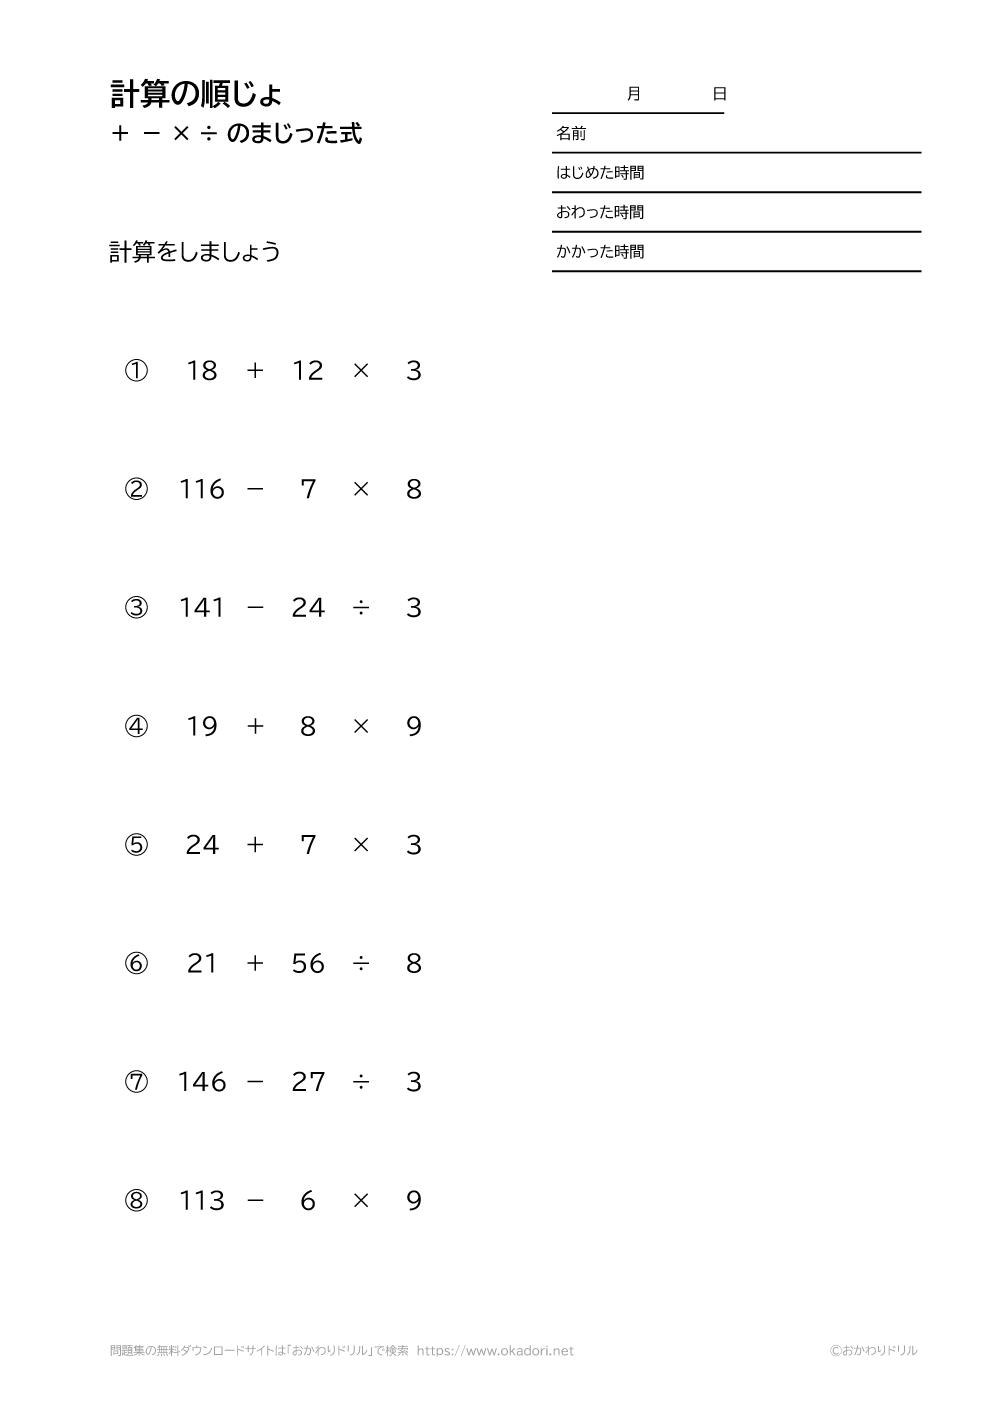 計算の順序+-×÷のまじった式-1-2